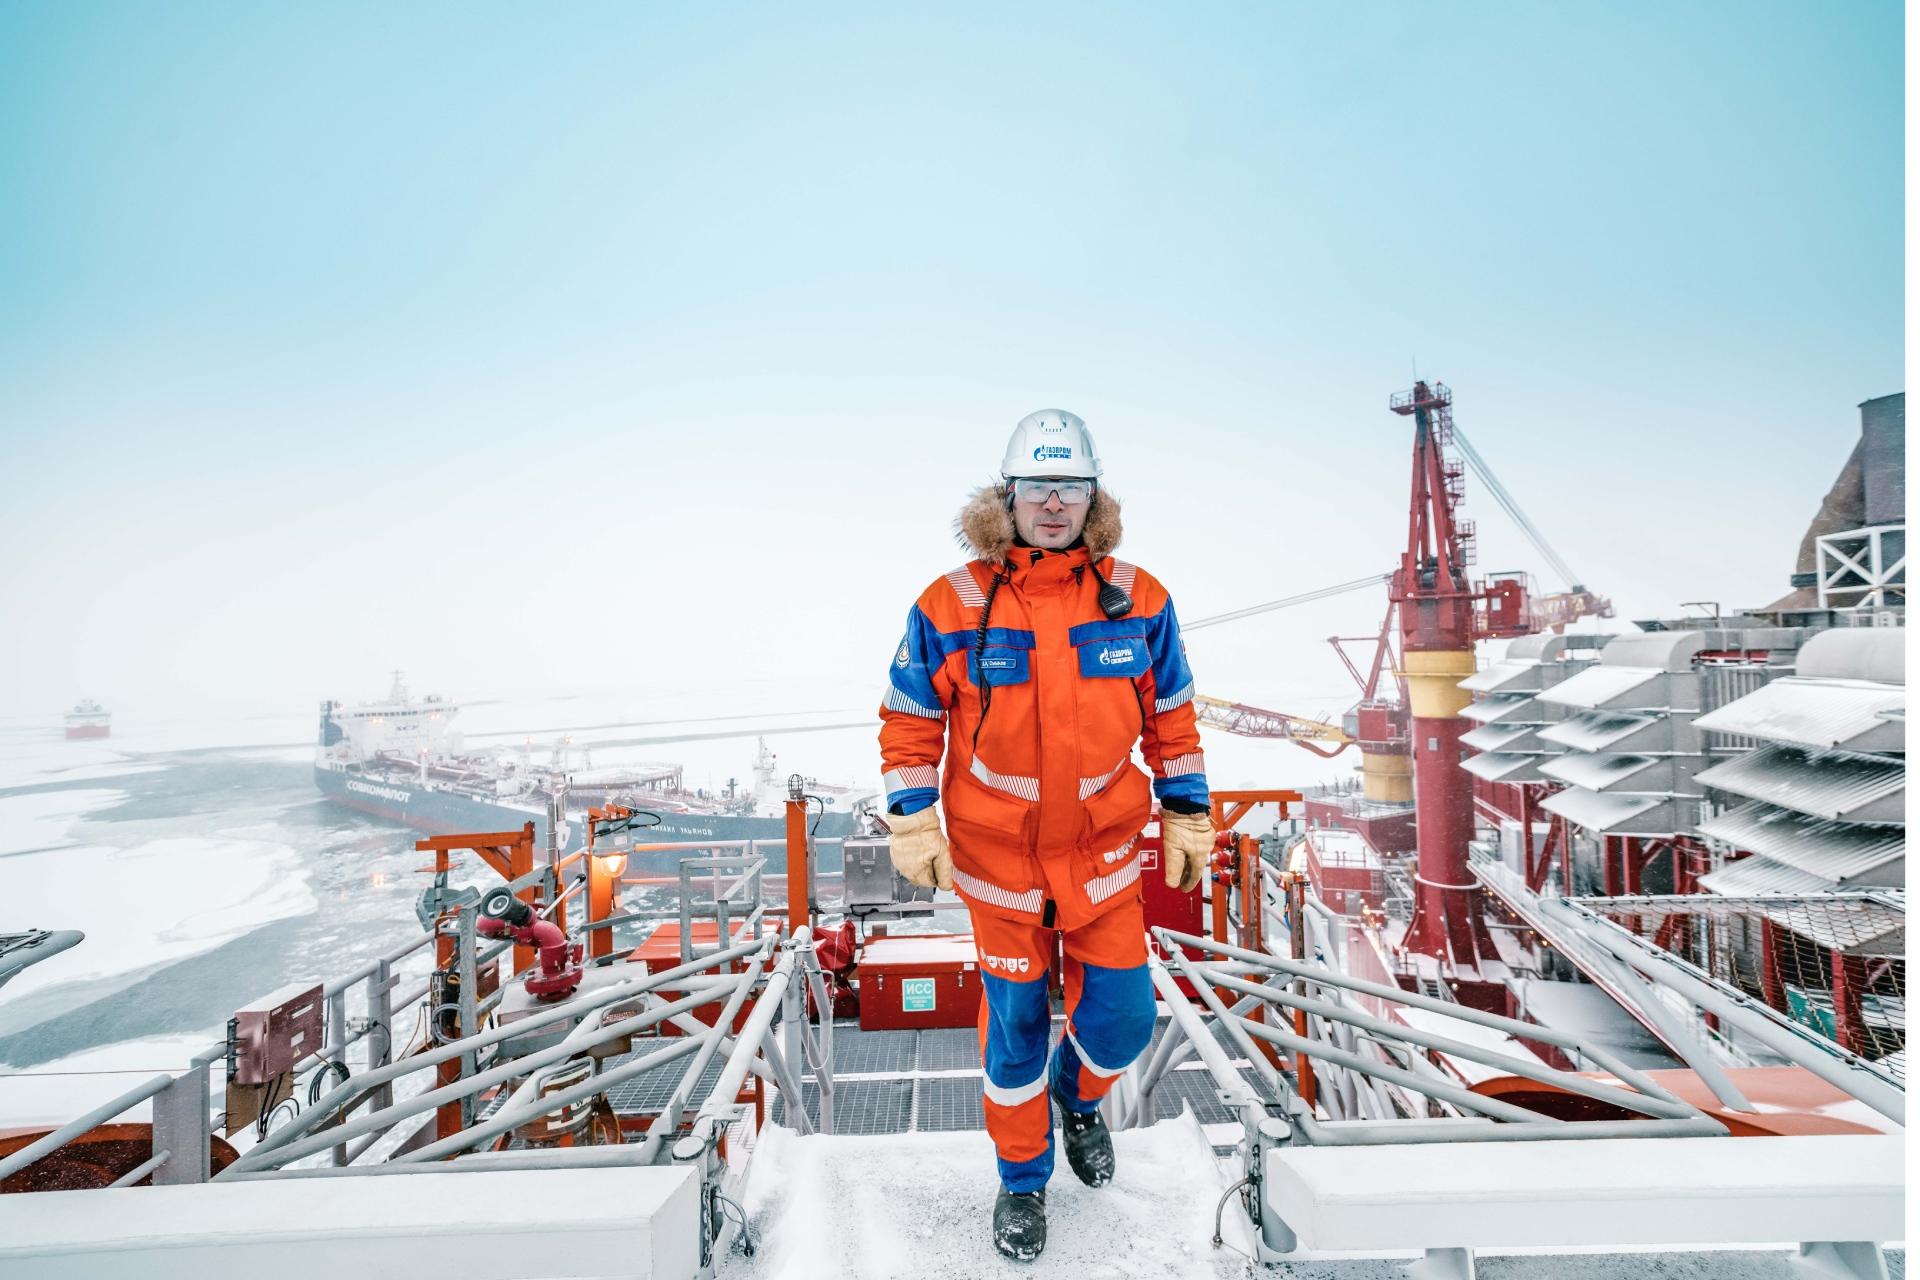 就像俄羅斯的 Gazprom 和 Novatek 在北極地區天然氣一樣